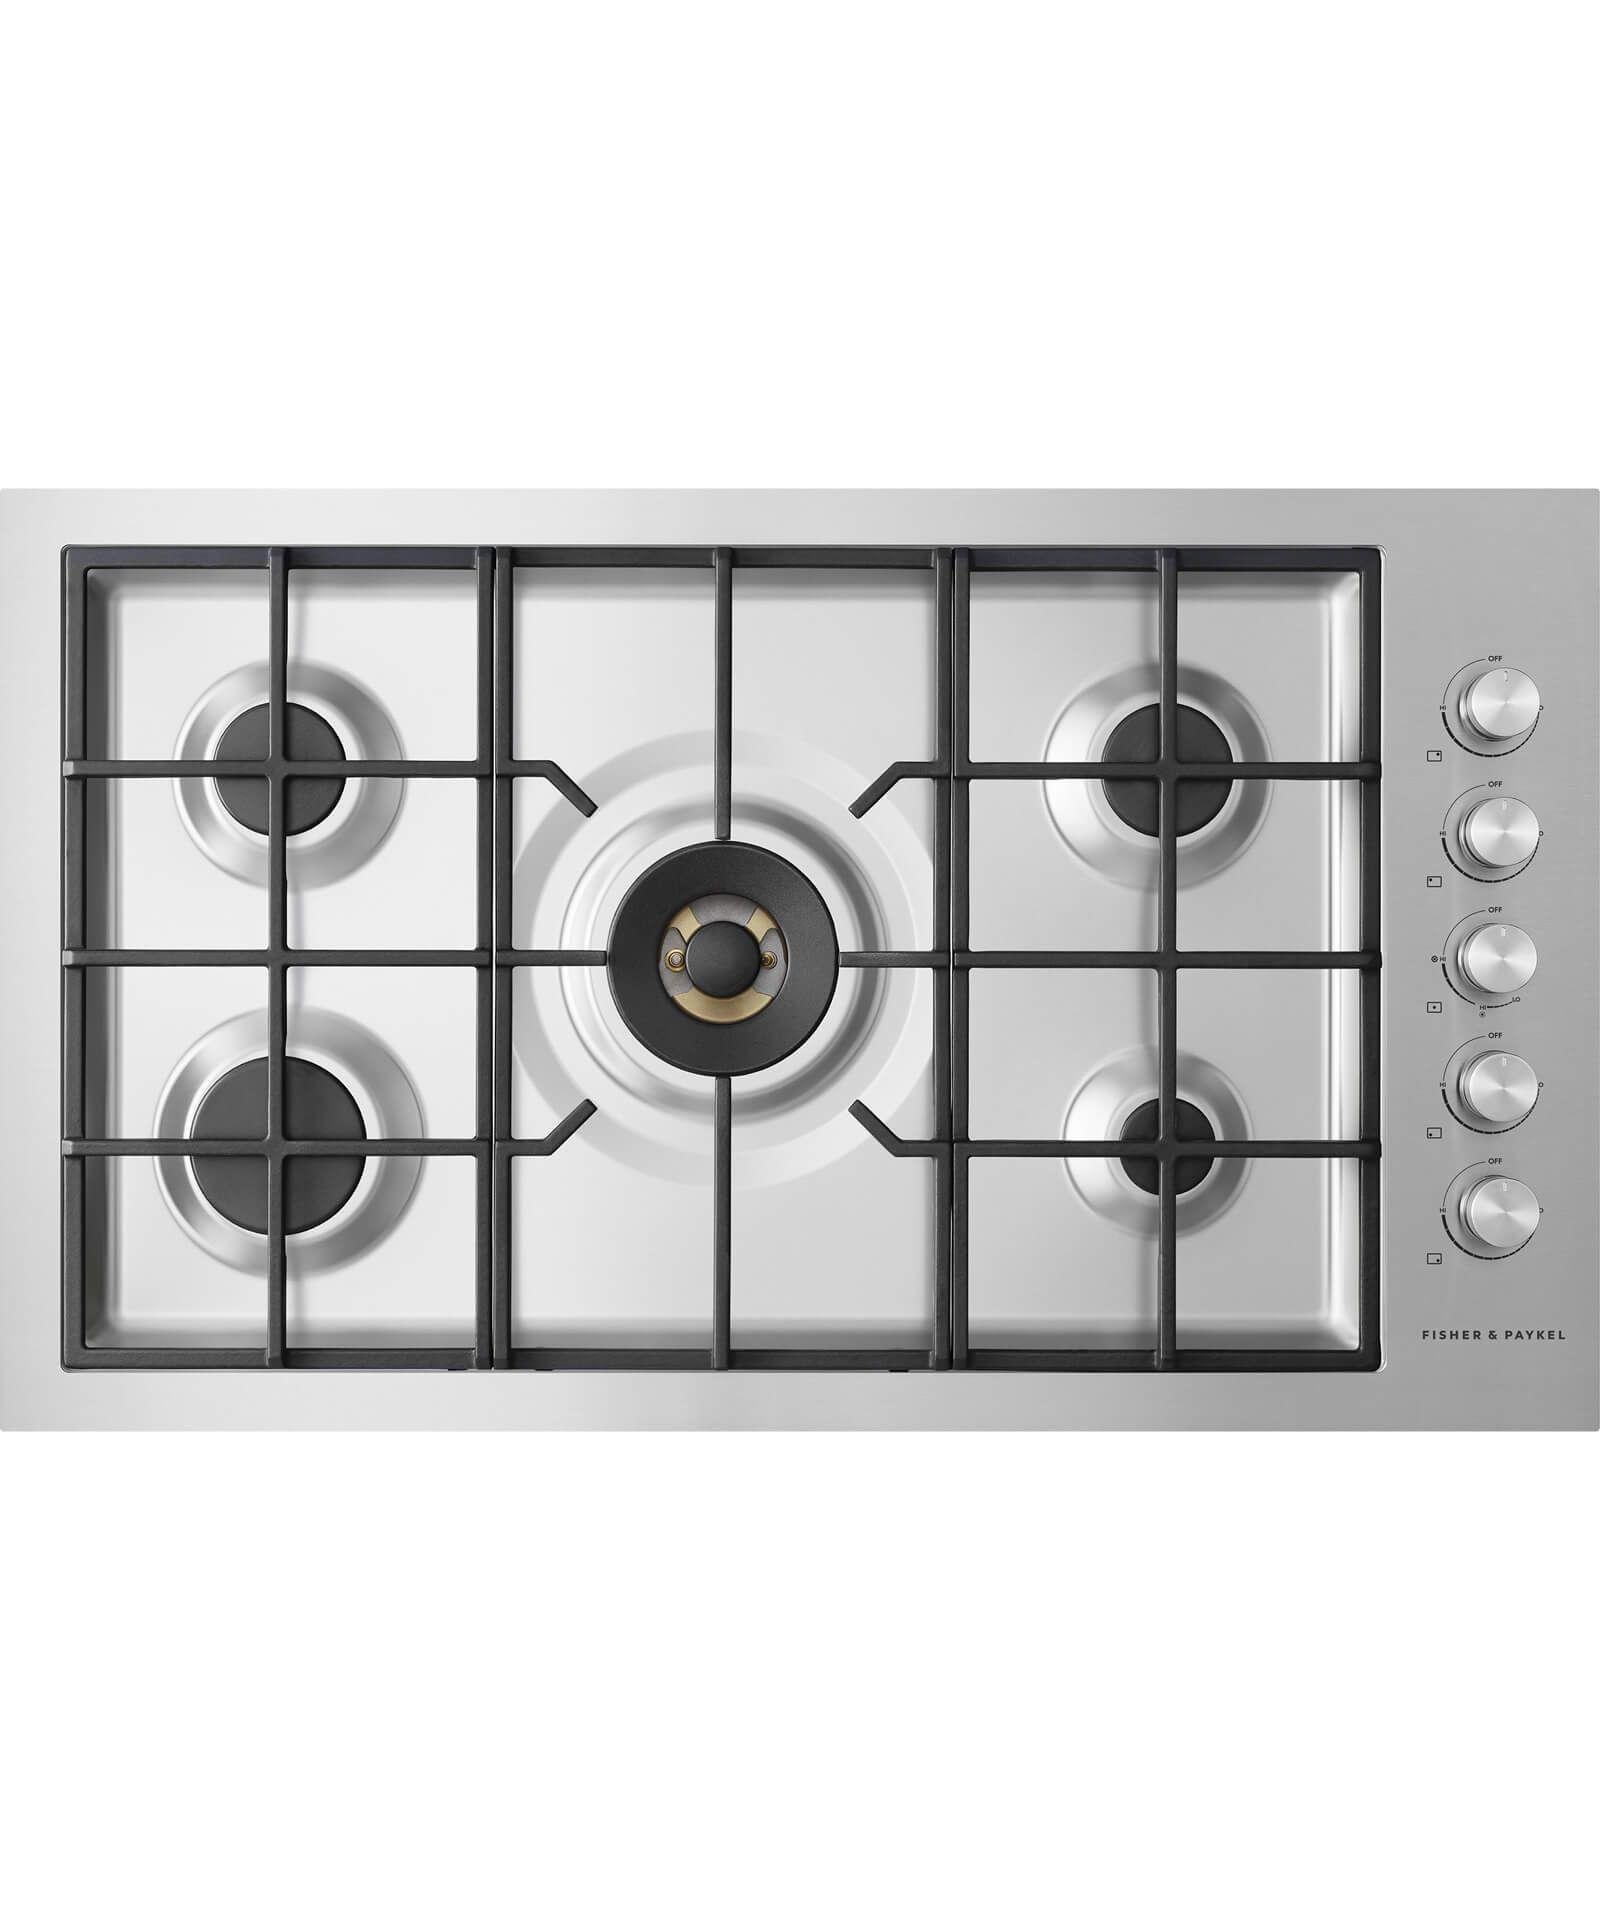 Cg365dwlpacx2_n 36 5 burner gas cooktop 80966 gas